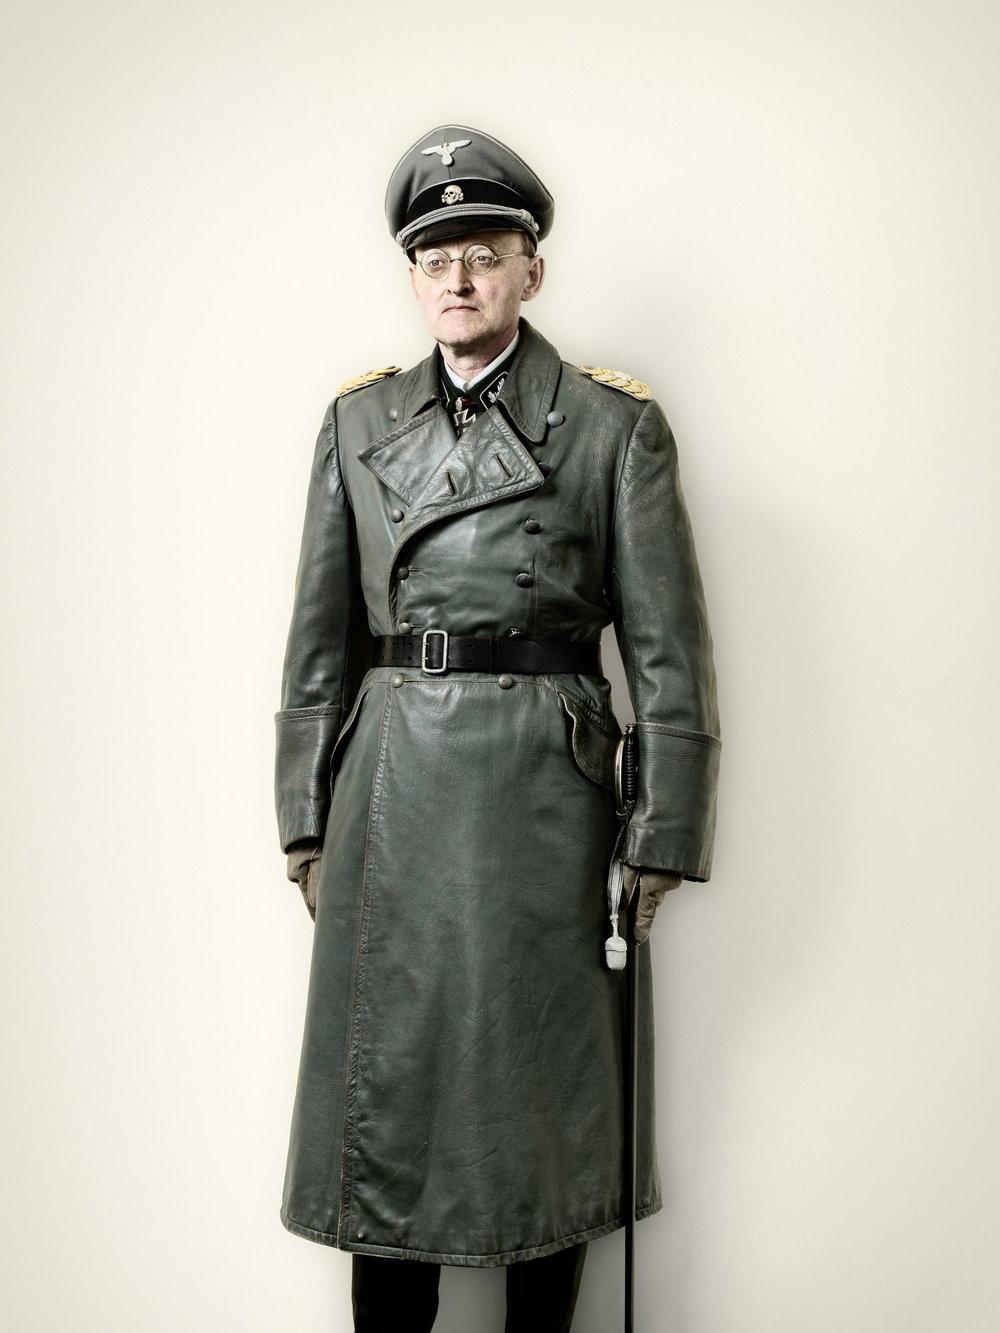 Brigadeführer, 1SS Panzer Division (2008)